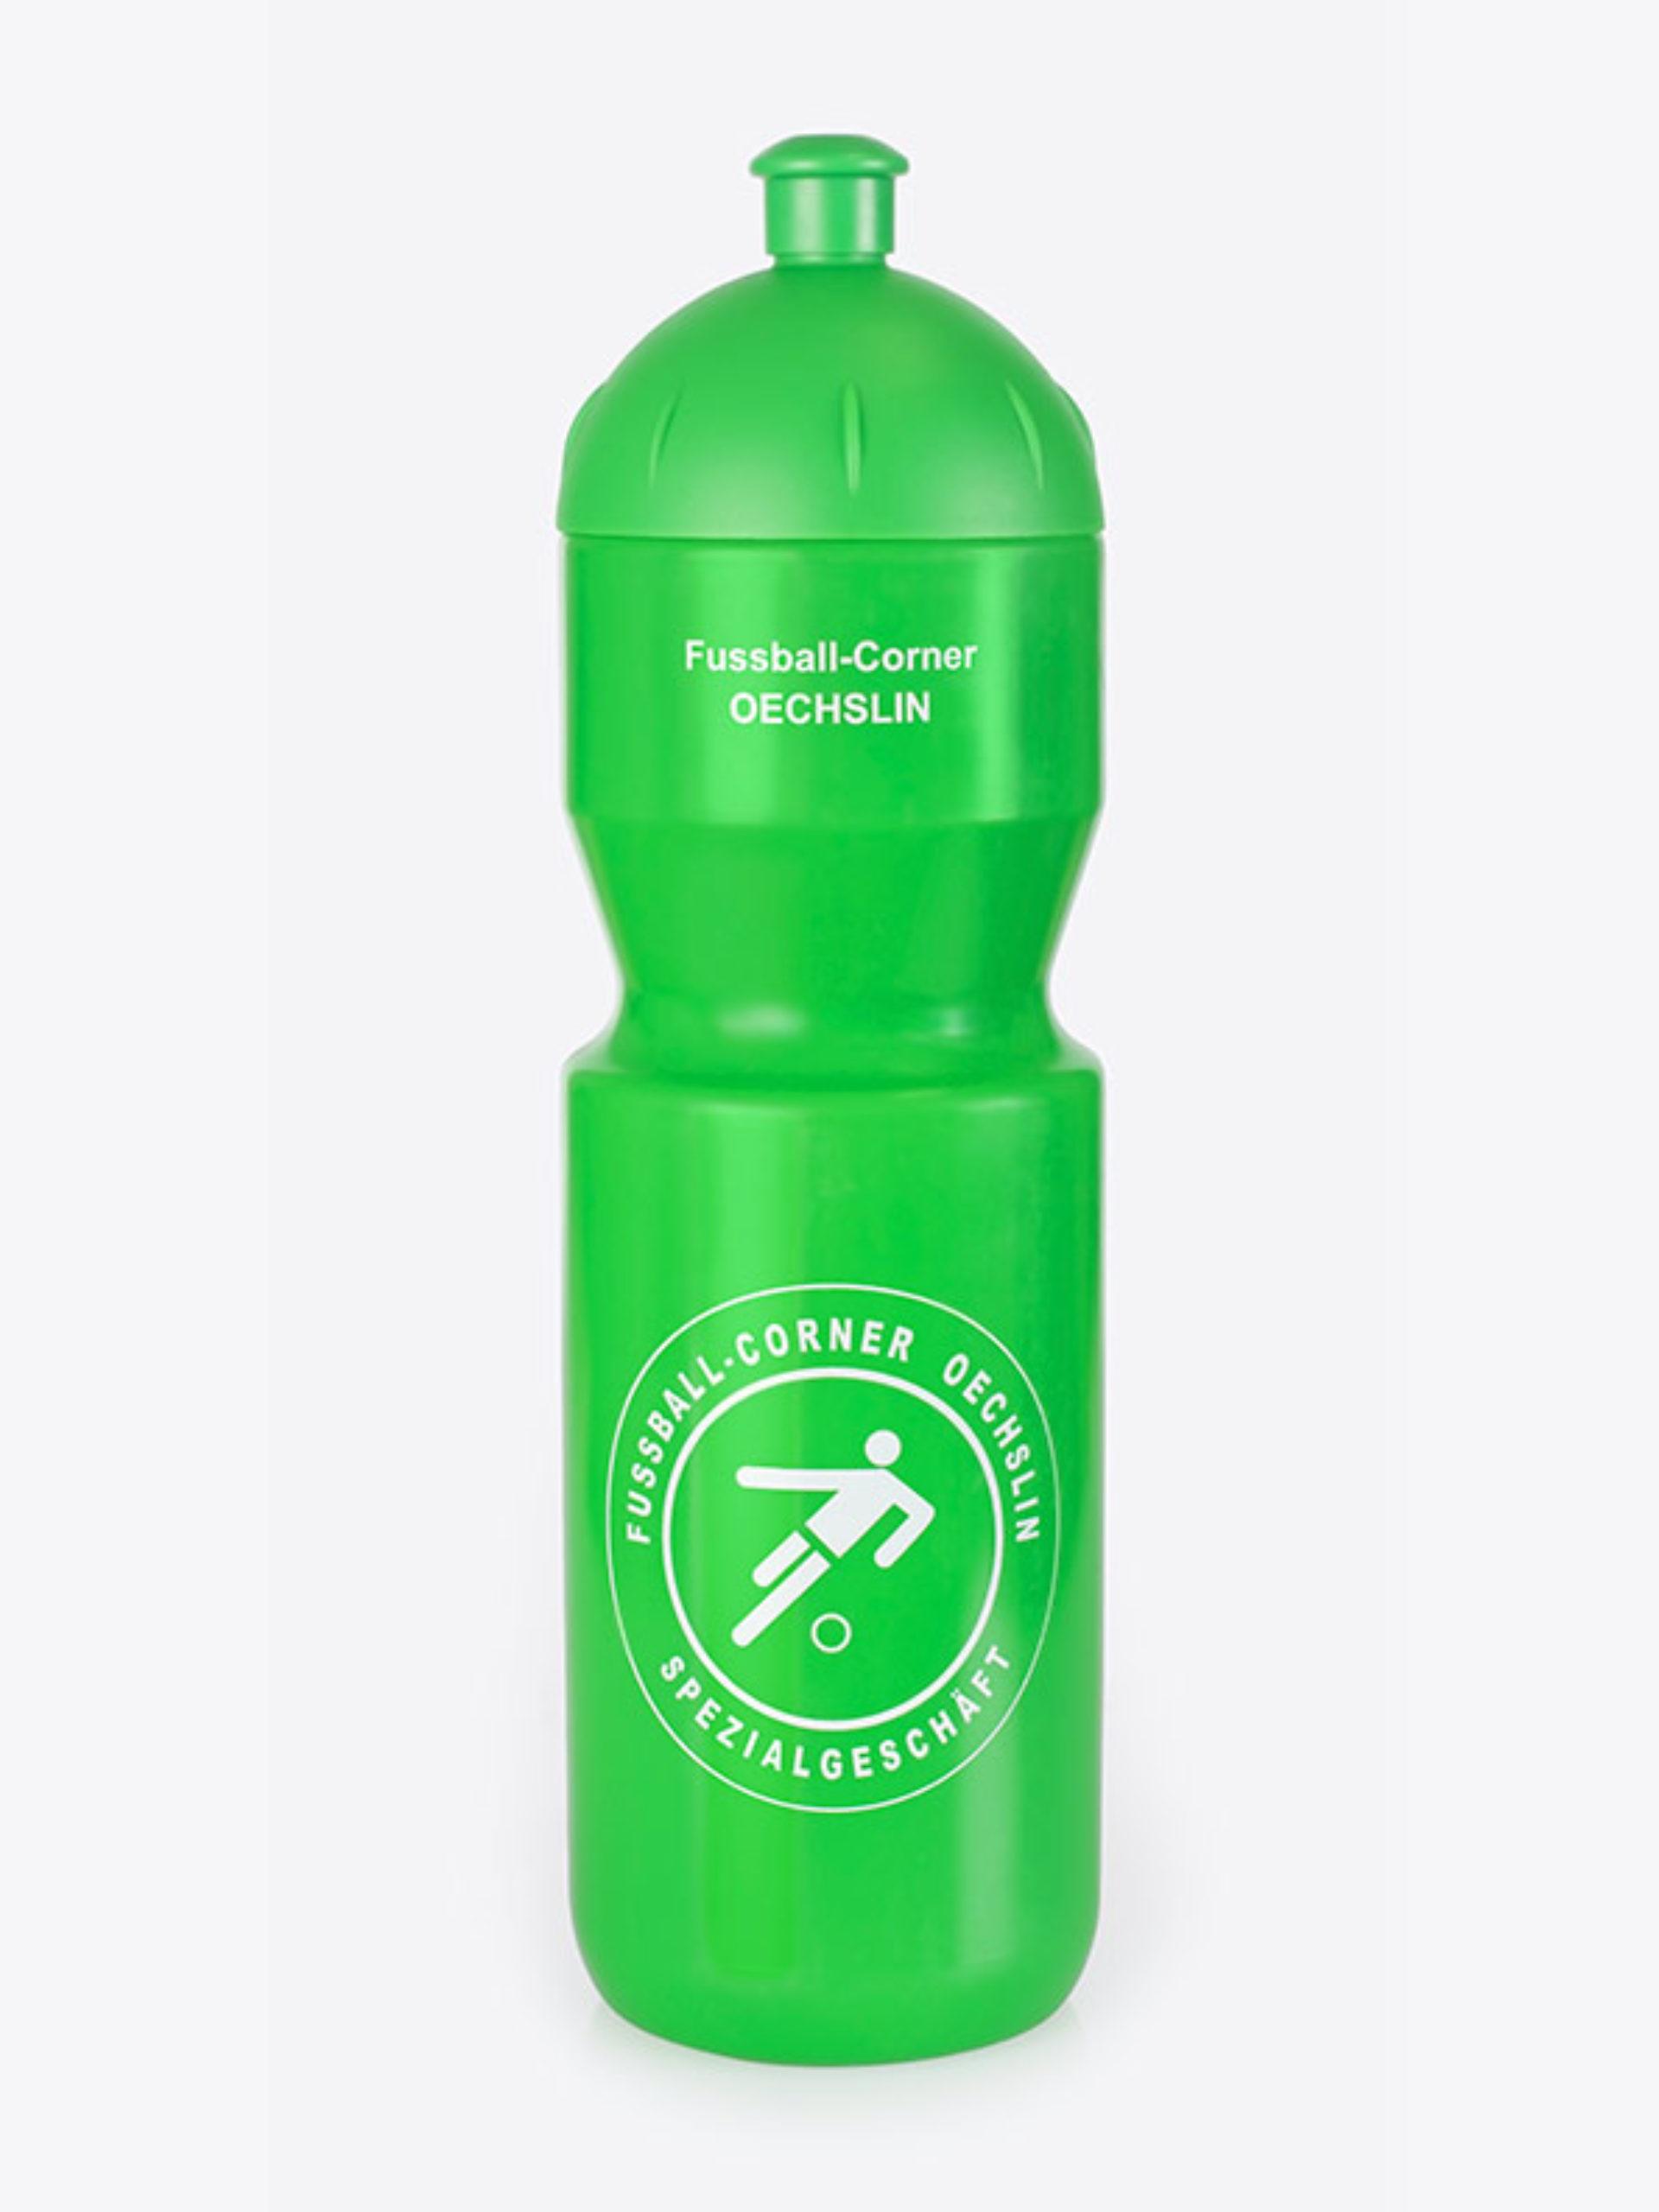 Sportflasche Mit Firmenlogo Bedrucken